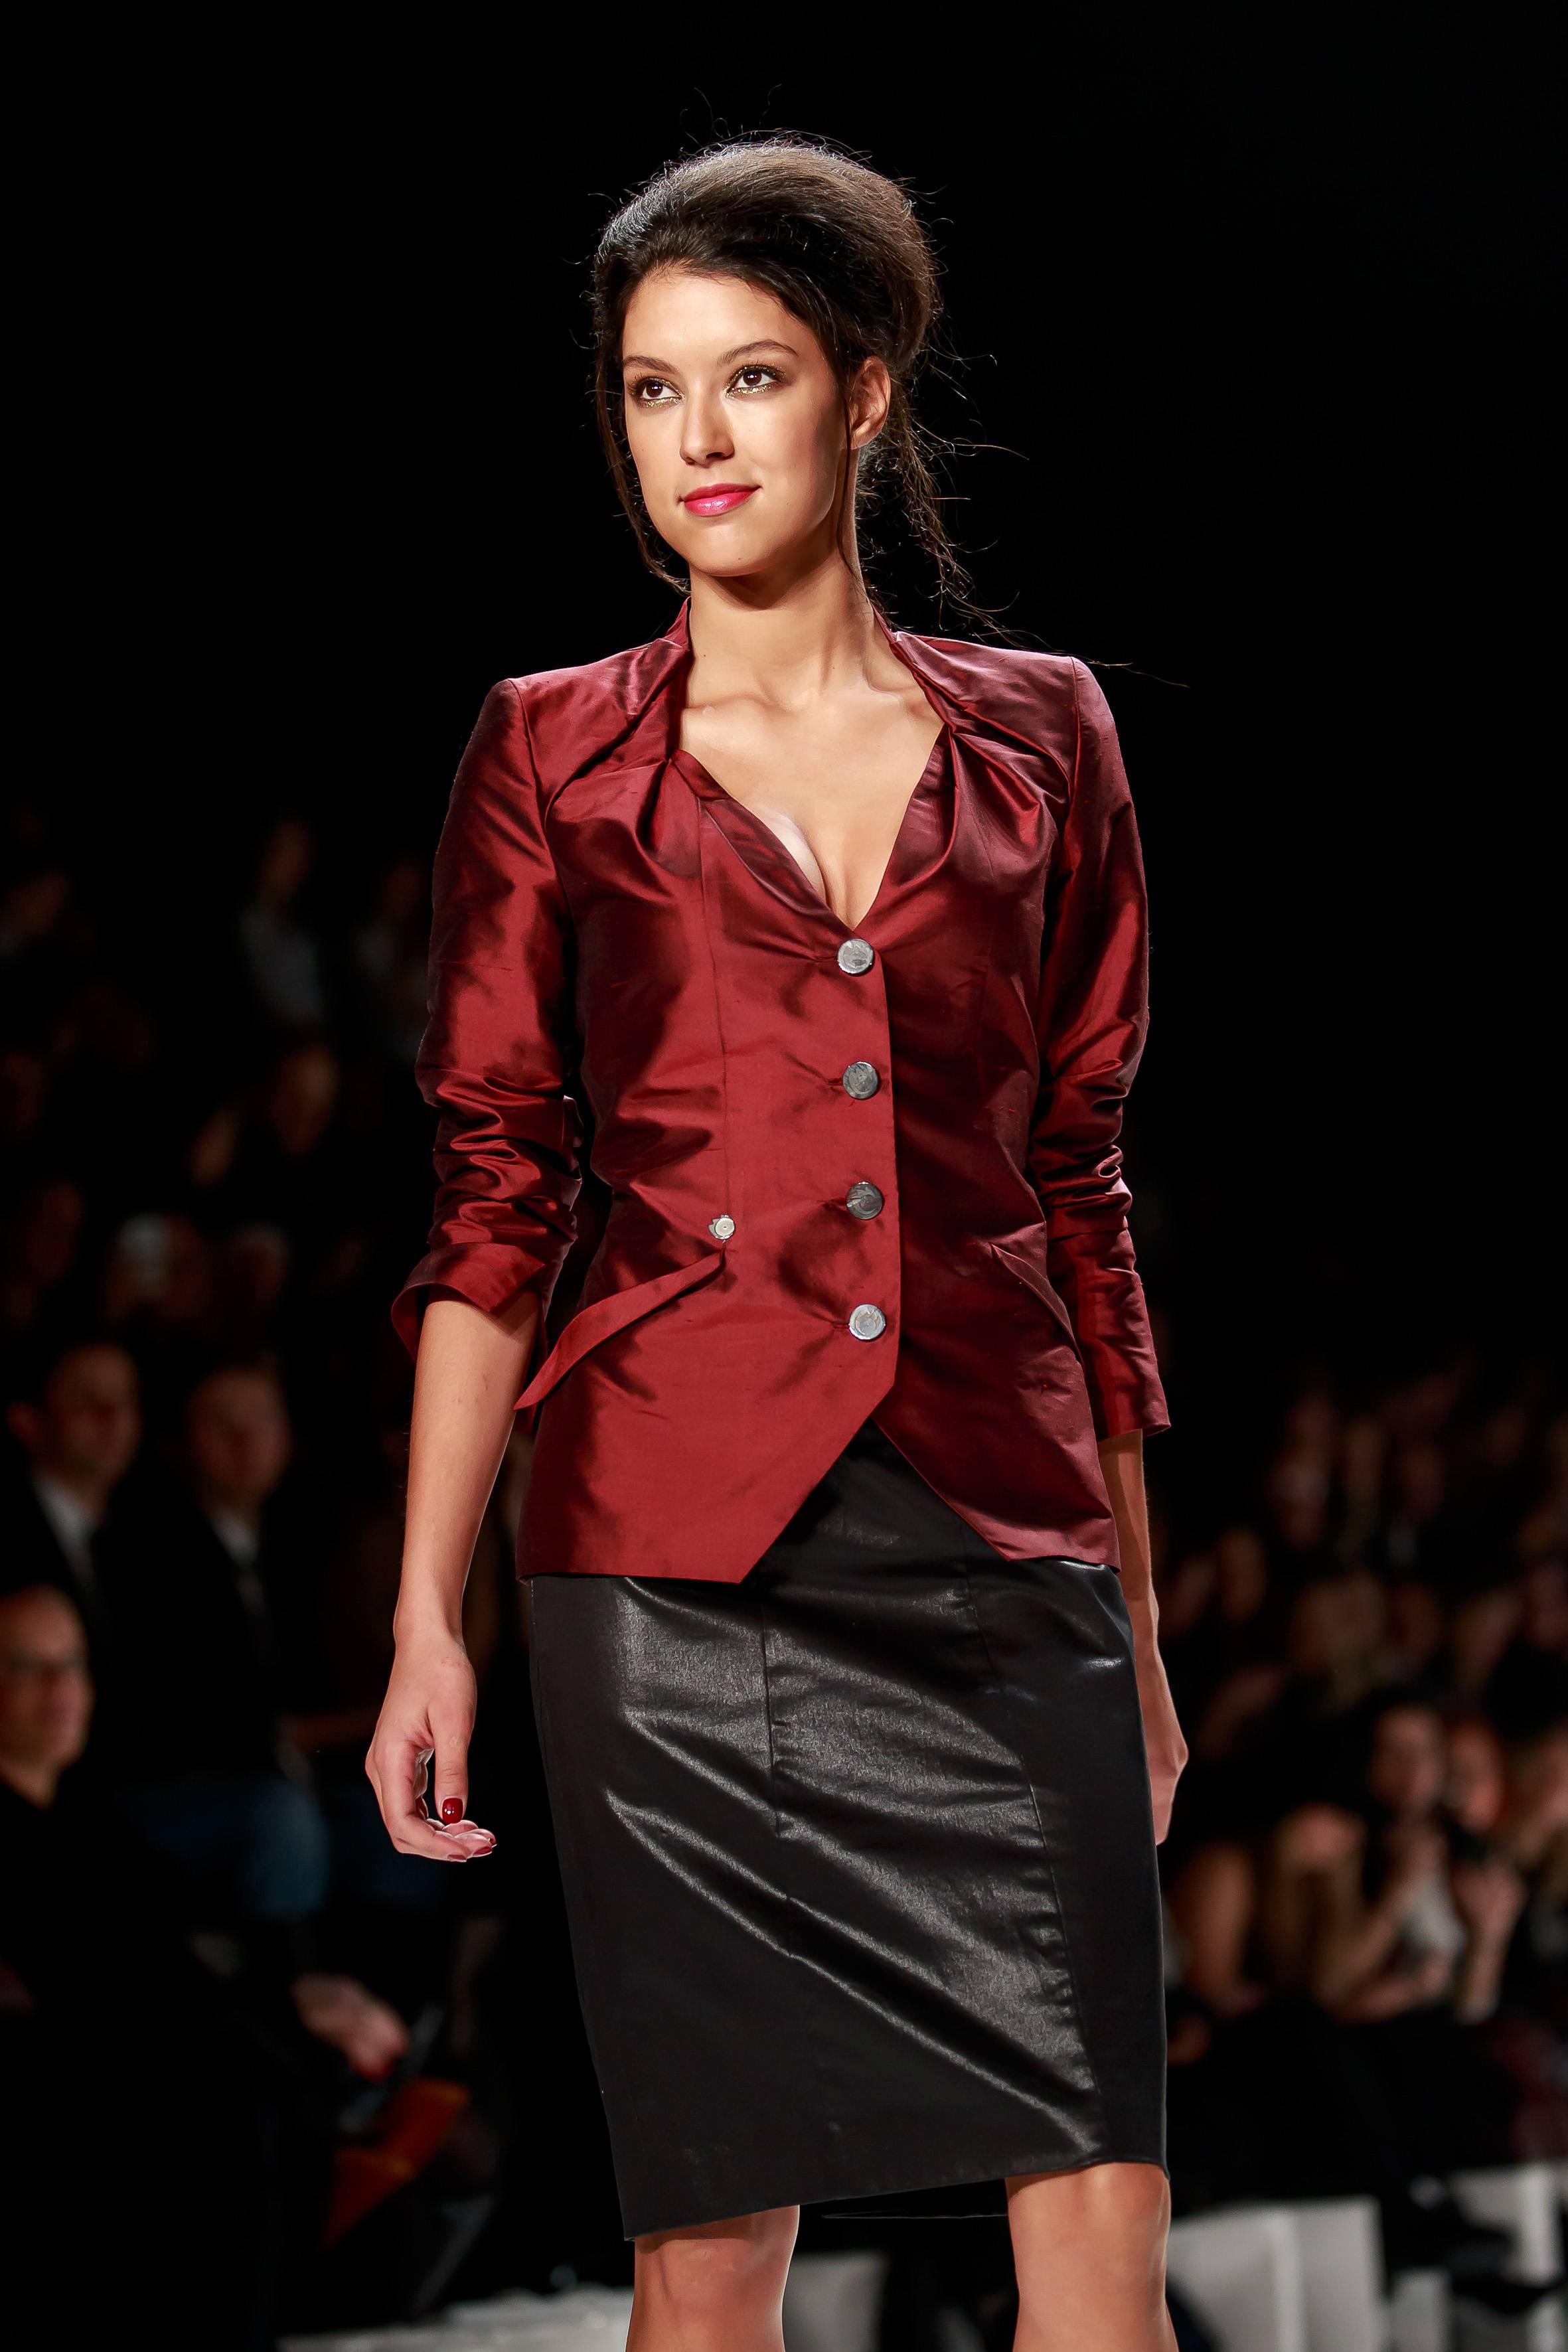 06015_fashion_week_3086_122_501lo.jpg